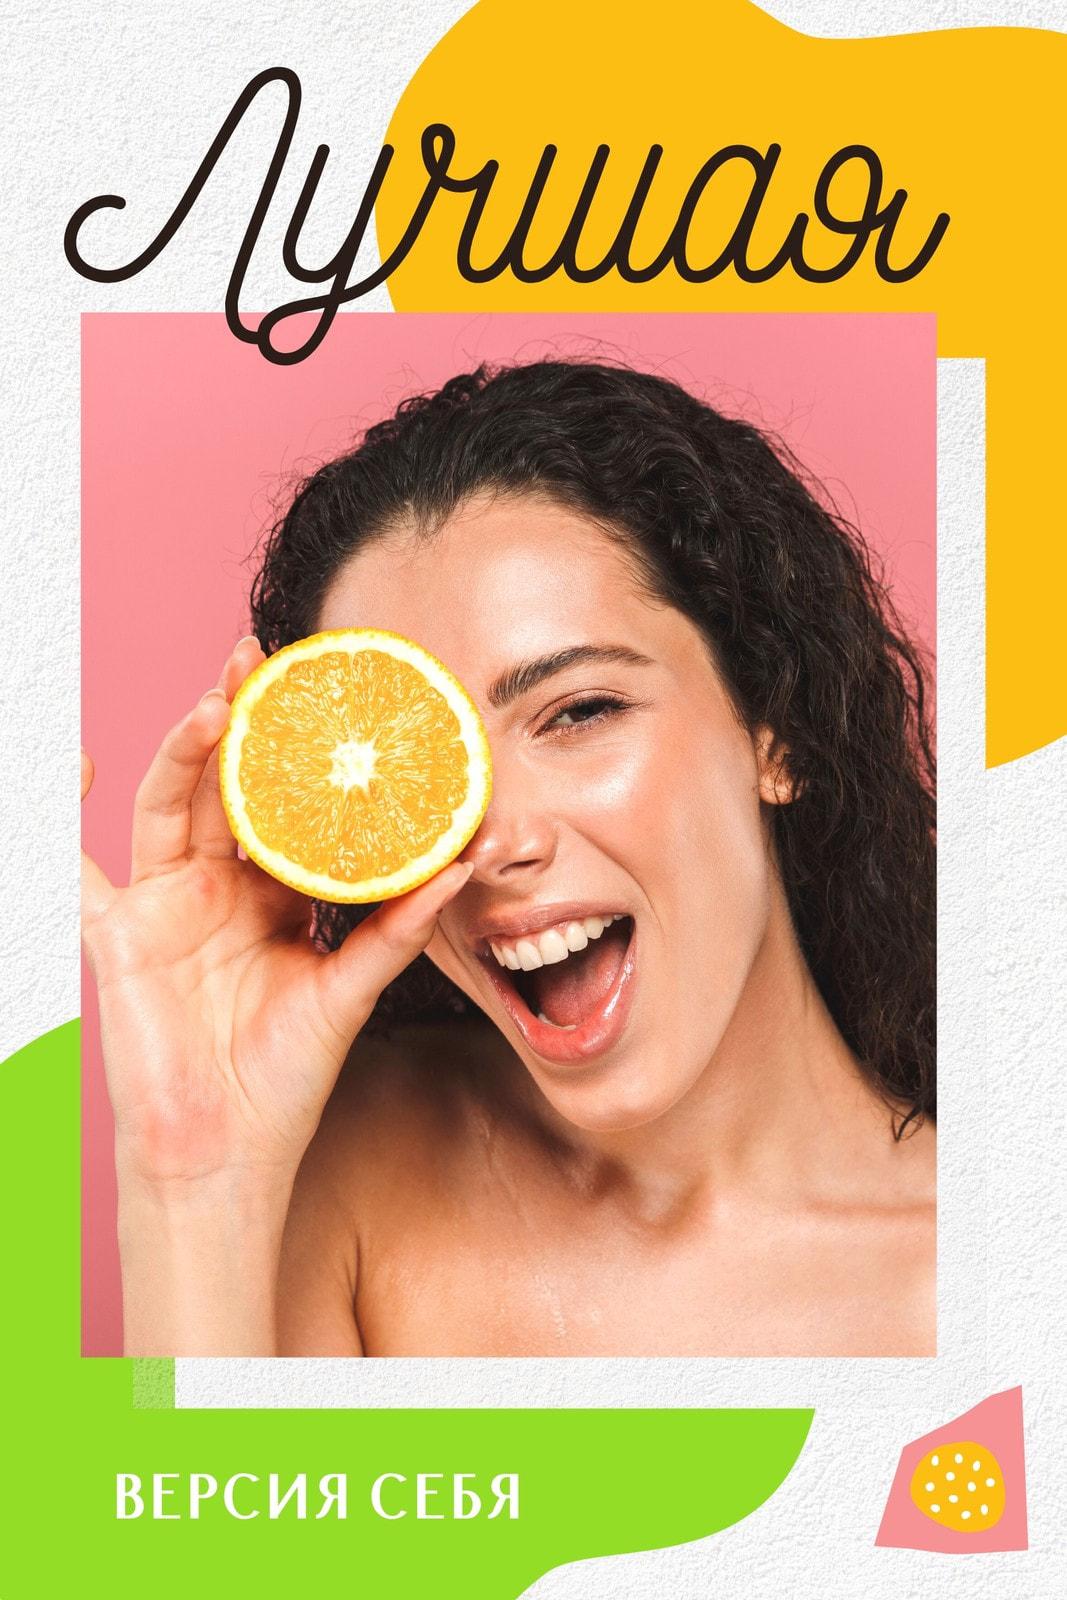 Цветное изображение профиля ВК с абстрактным рисунком и фотографией девушки